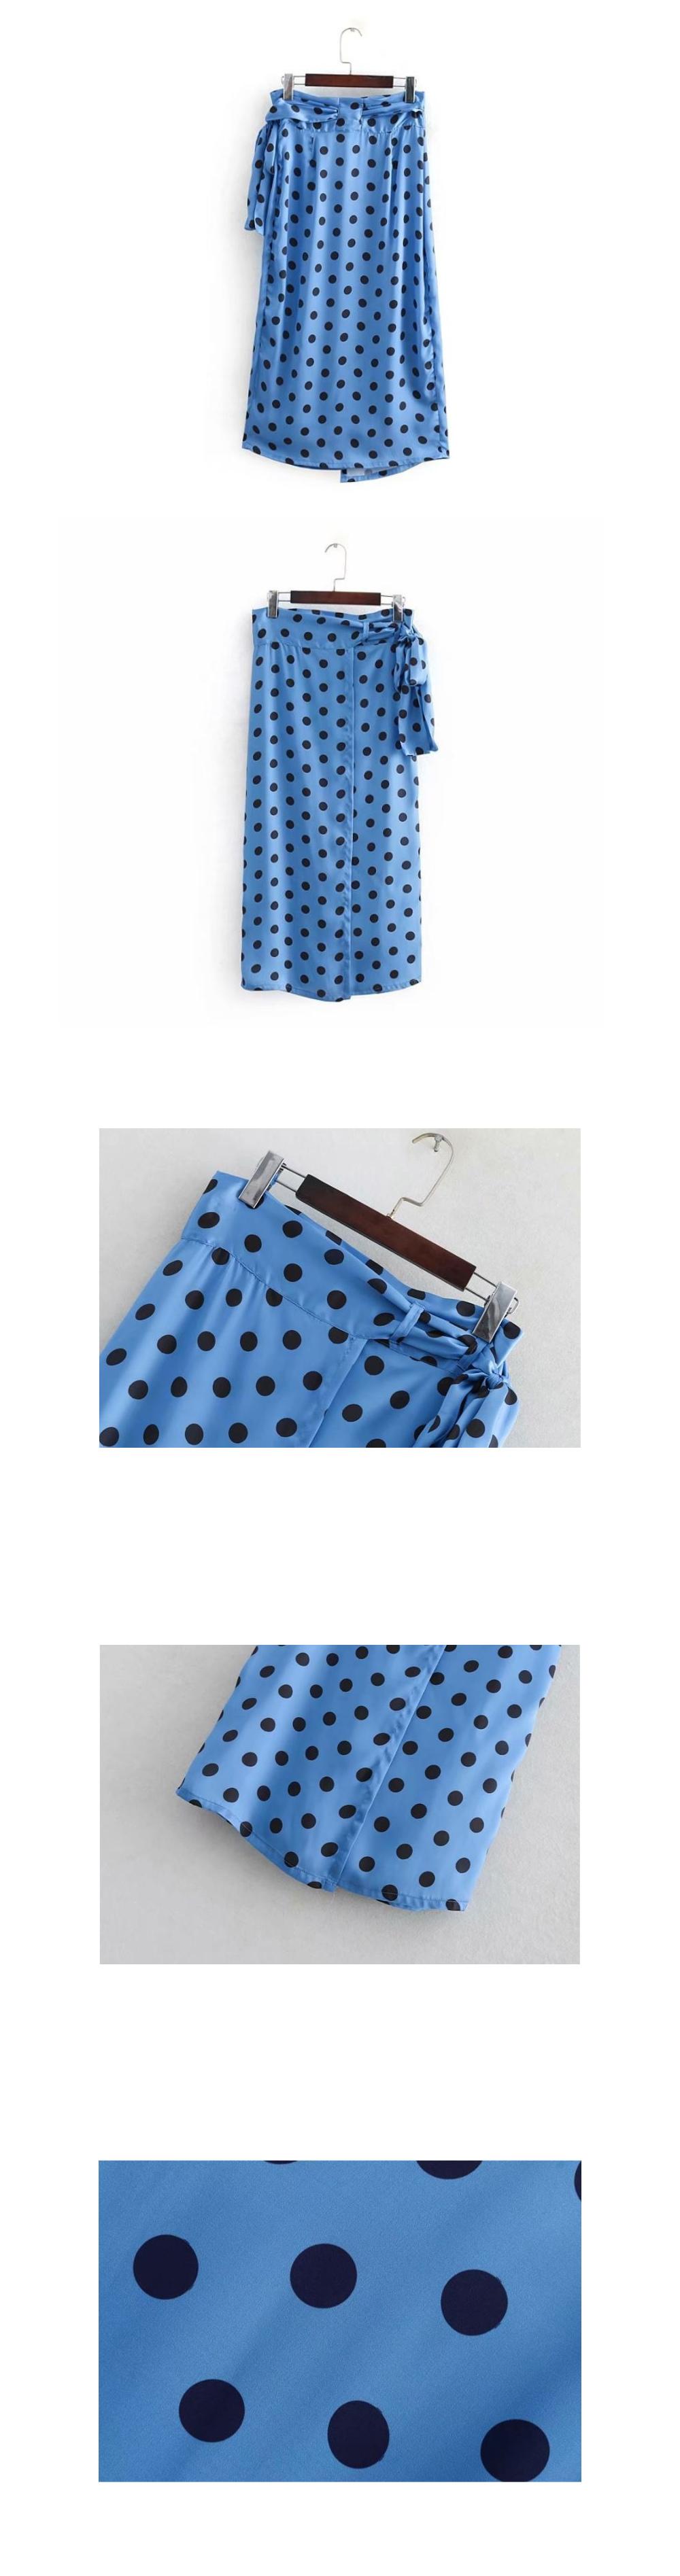 Blue satin dot lap skirt _SK03062